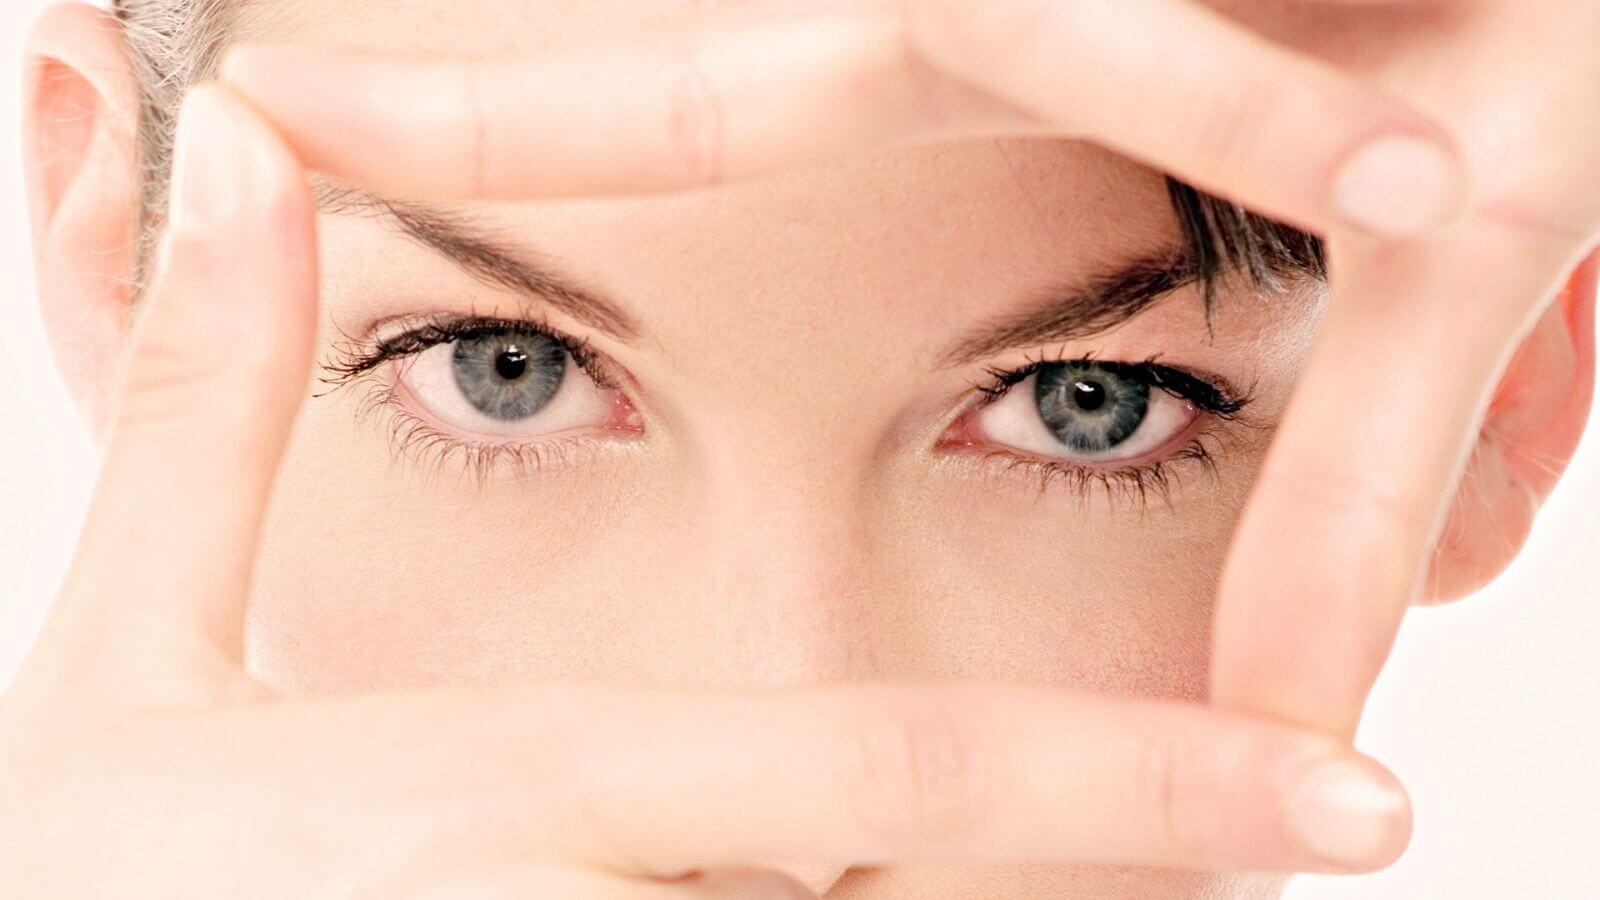 Конъюнктивный мешок глаза: строение и функции